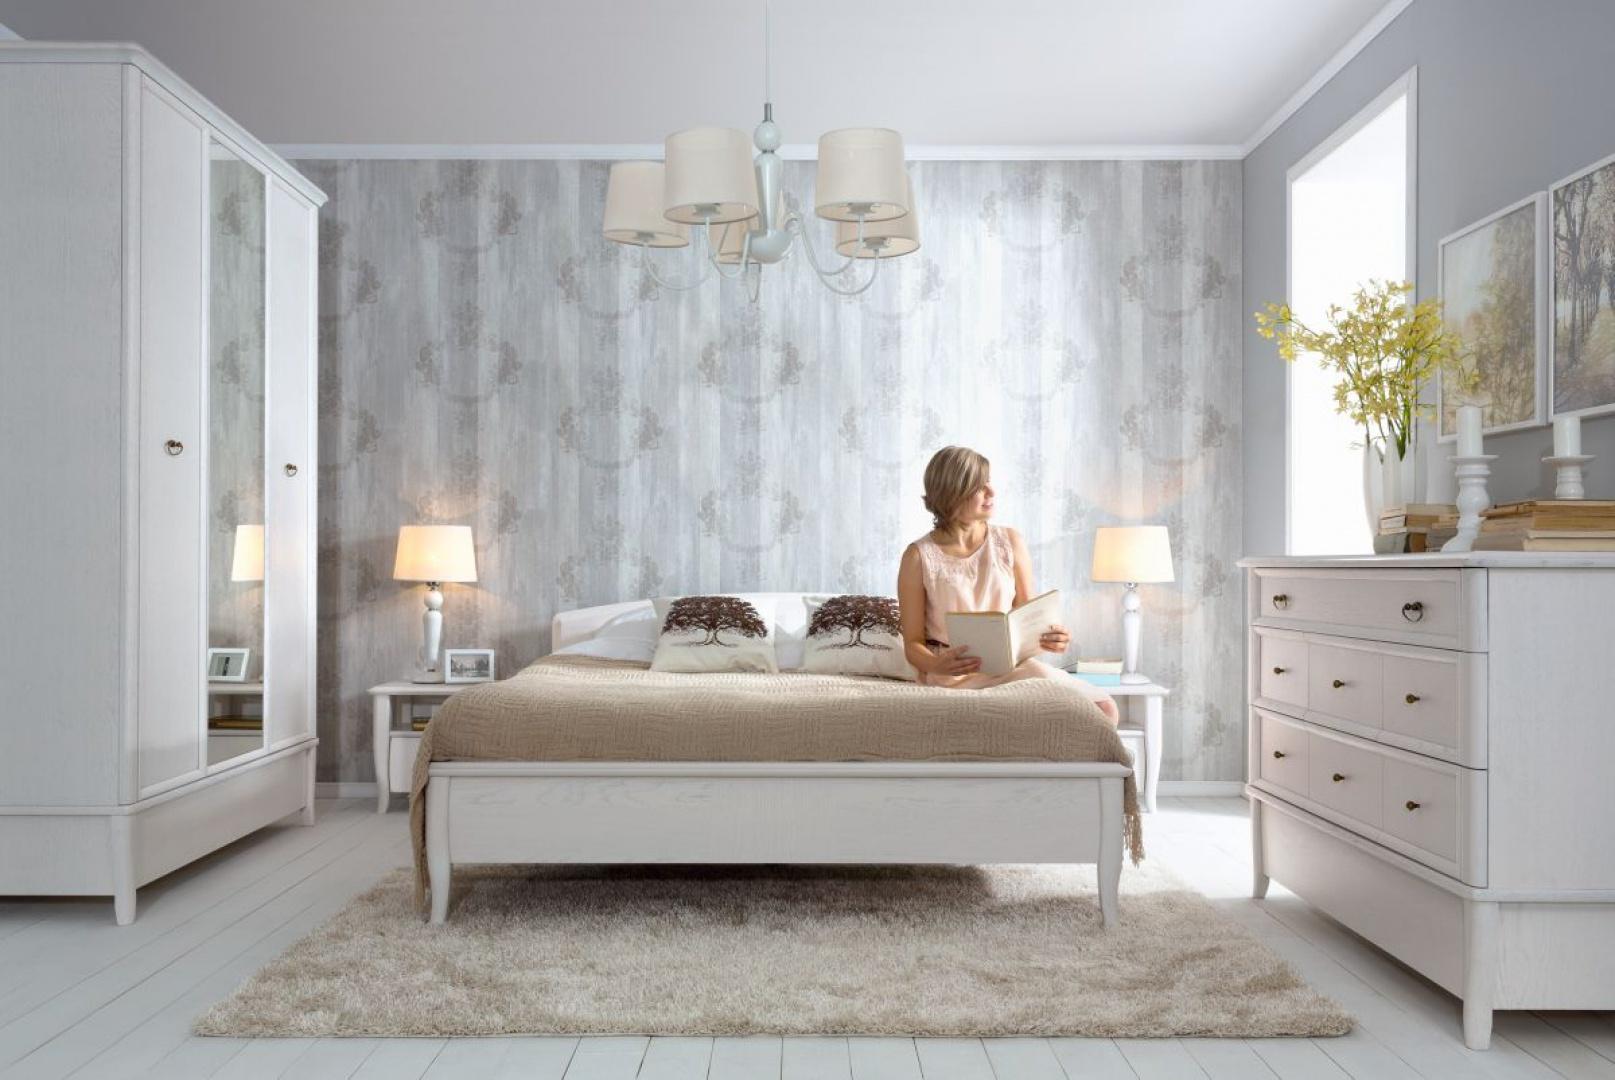 Kolekcja Orland utrzymana jest w klimacie staropolskiego dworku. Jeśli więc sypialnia ma być w królewskim stylu, to ta kolekcja będzie doskonałym wyborem. Fot. Black Red White.